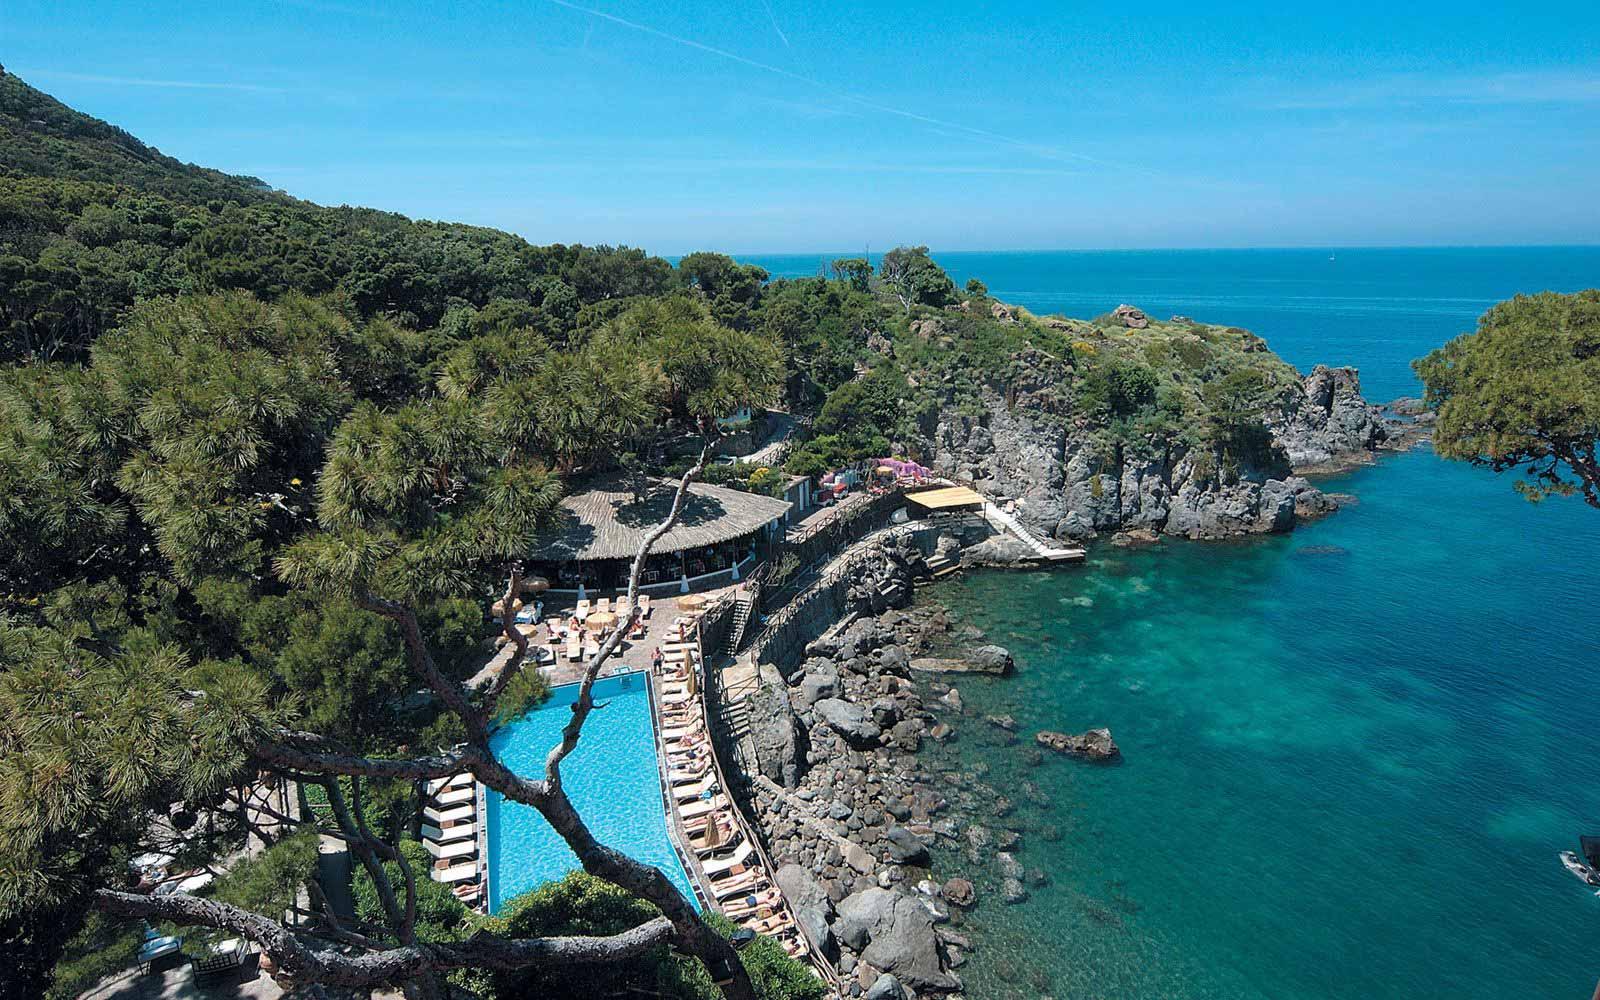 Panoramic view of pool at Mezzatorre Resort & Spa